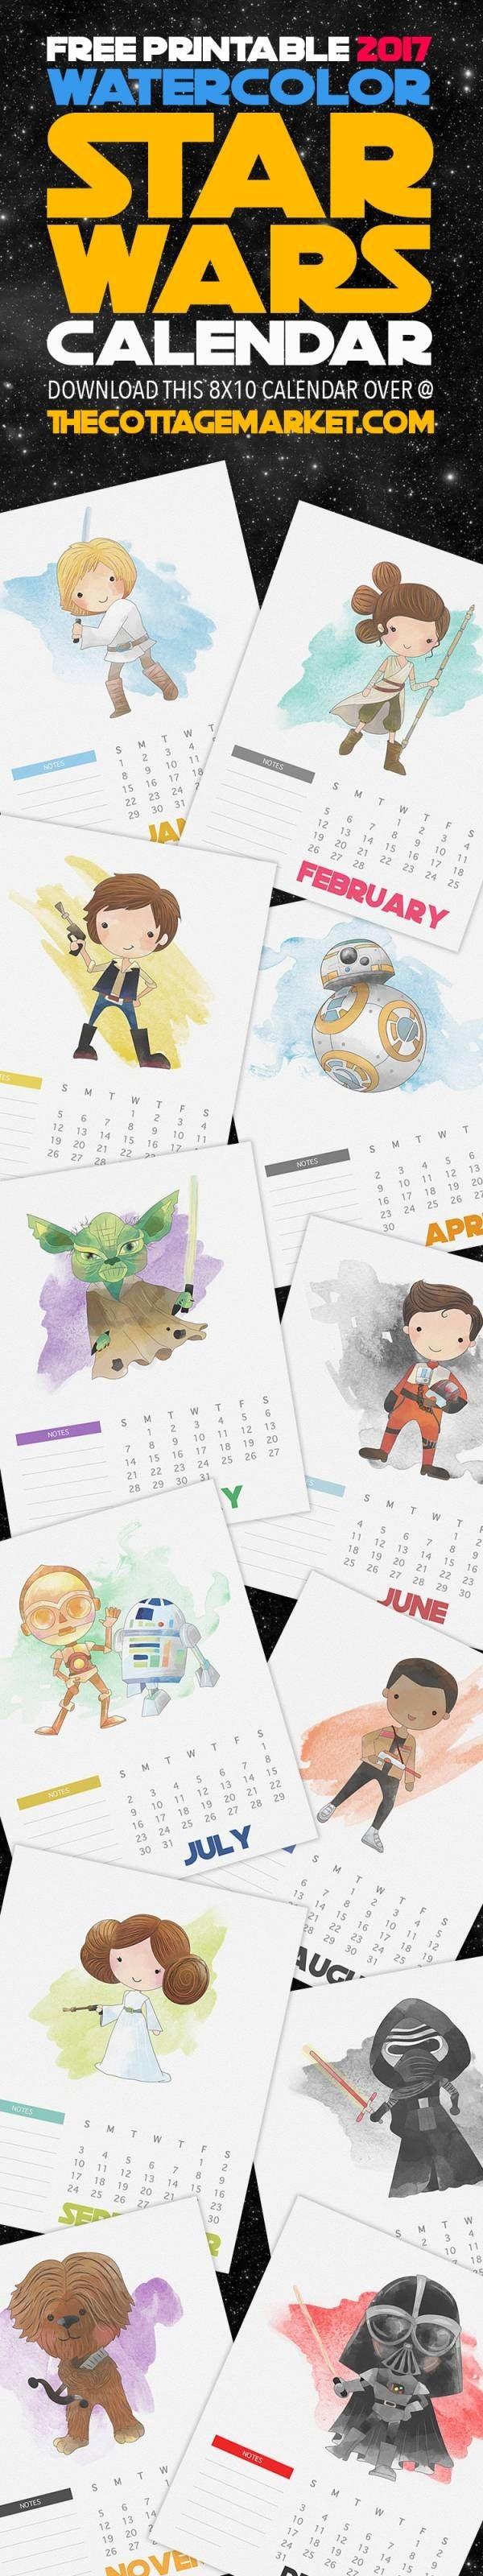 Calendario Para Imprimir Gratis Agosto 2017 Más Populares 12 Best Disney Images On Pinterest Of Calendario Para Imprimir Gratis Agosto 2017 Más Caliente Sin Embargo Este Es Calendario Imprimir 2017 Pdf